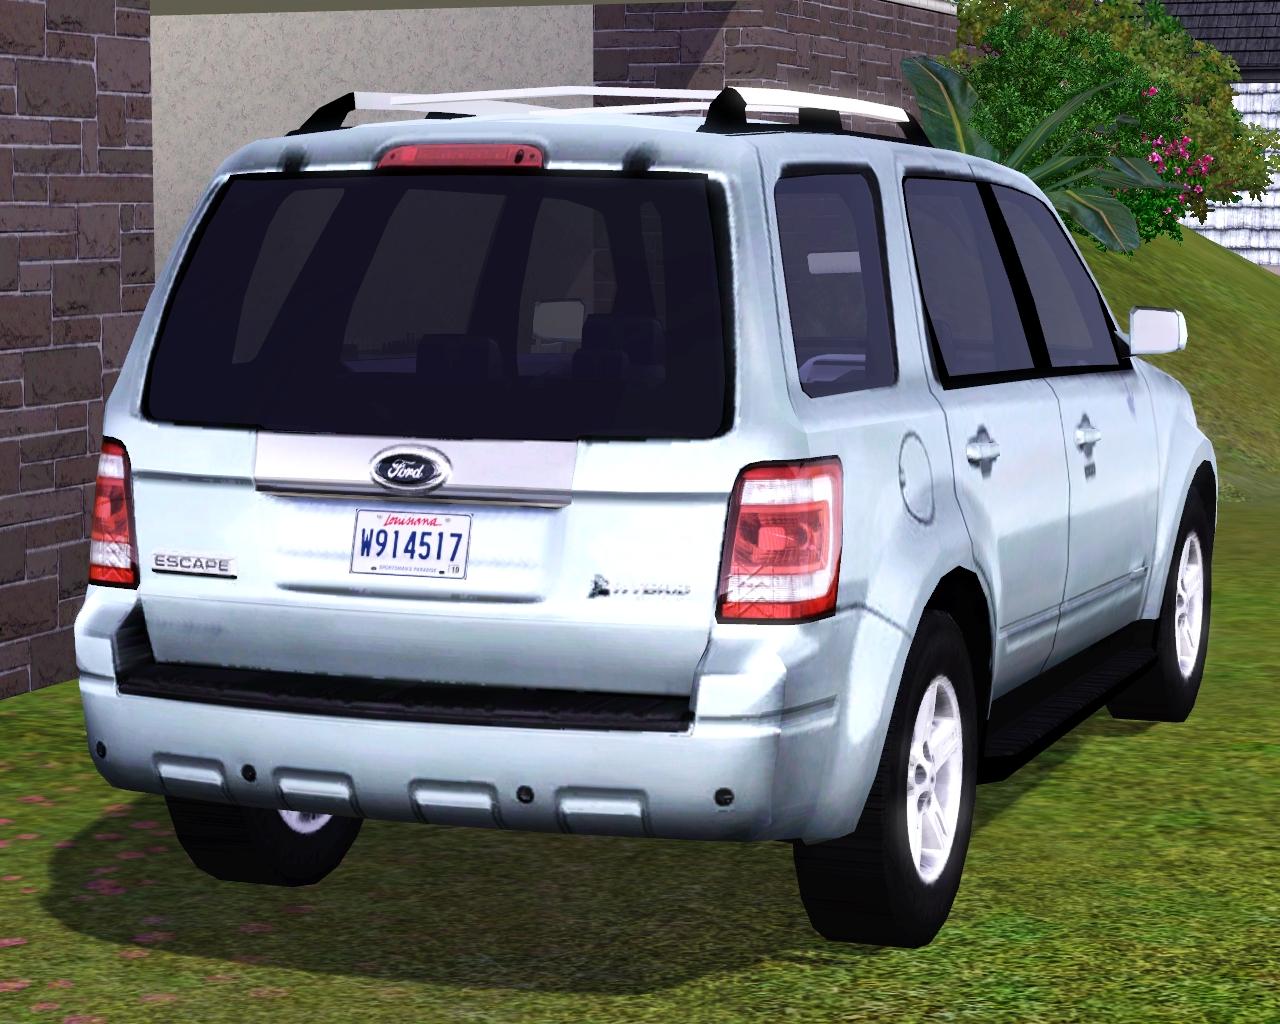 2010 ford escape hybrid by fresh prince